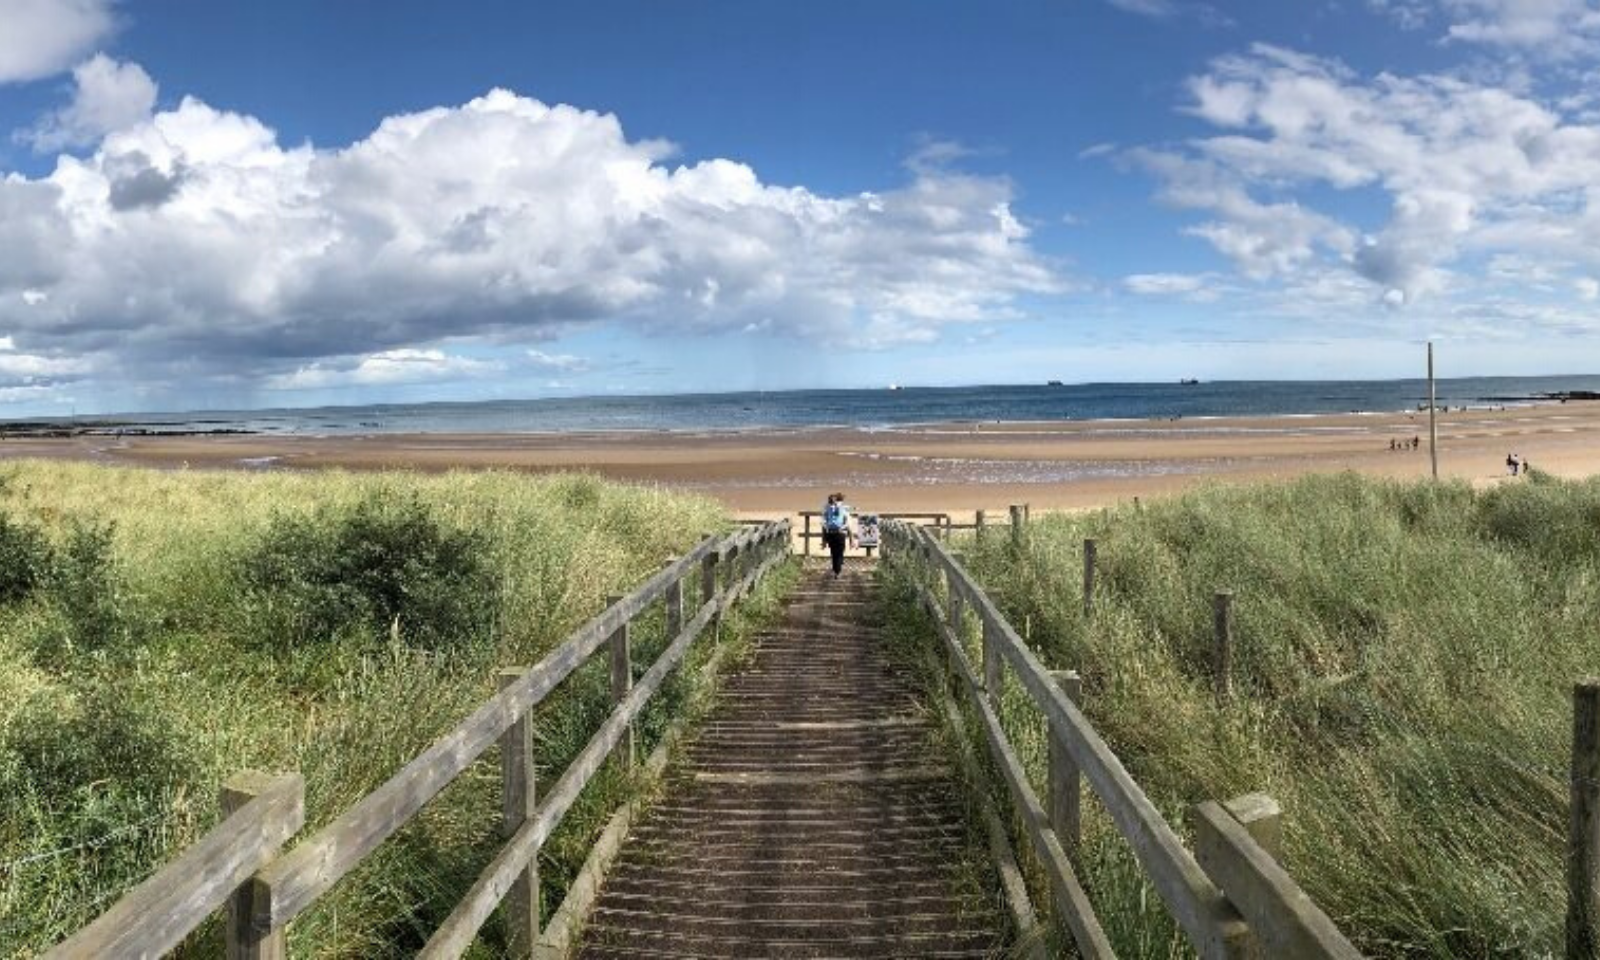 Two people walking on a boardwalk towards a beach front.